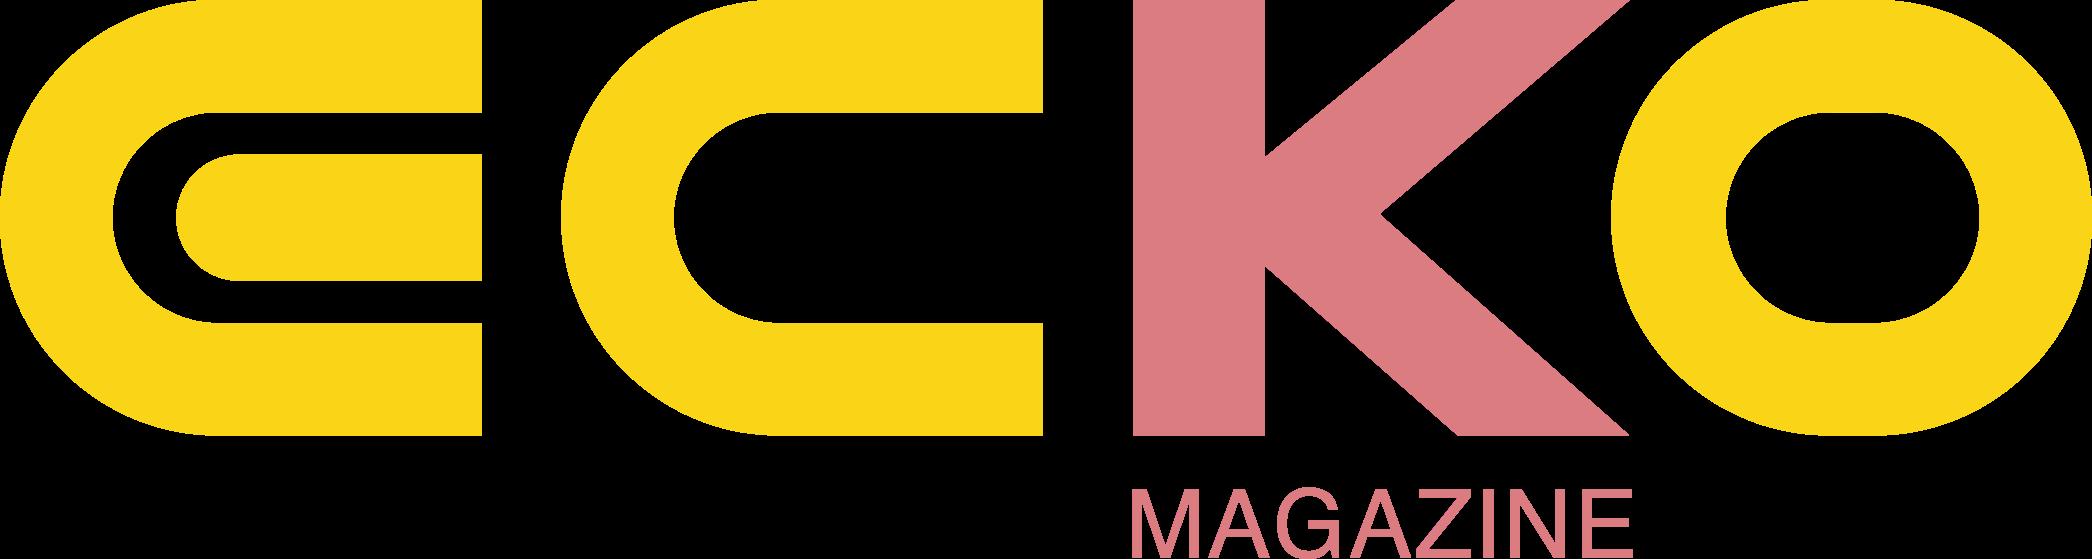 Logo Ecko Magazine